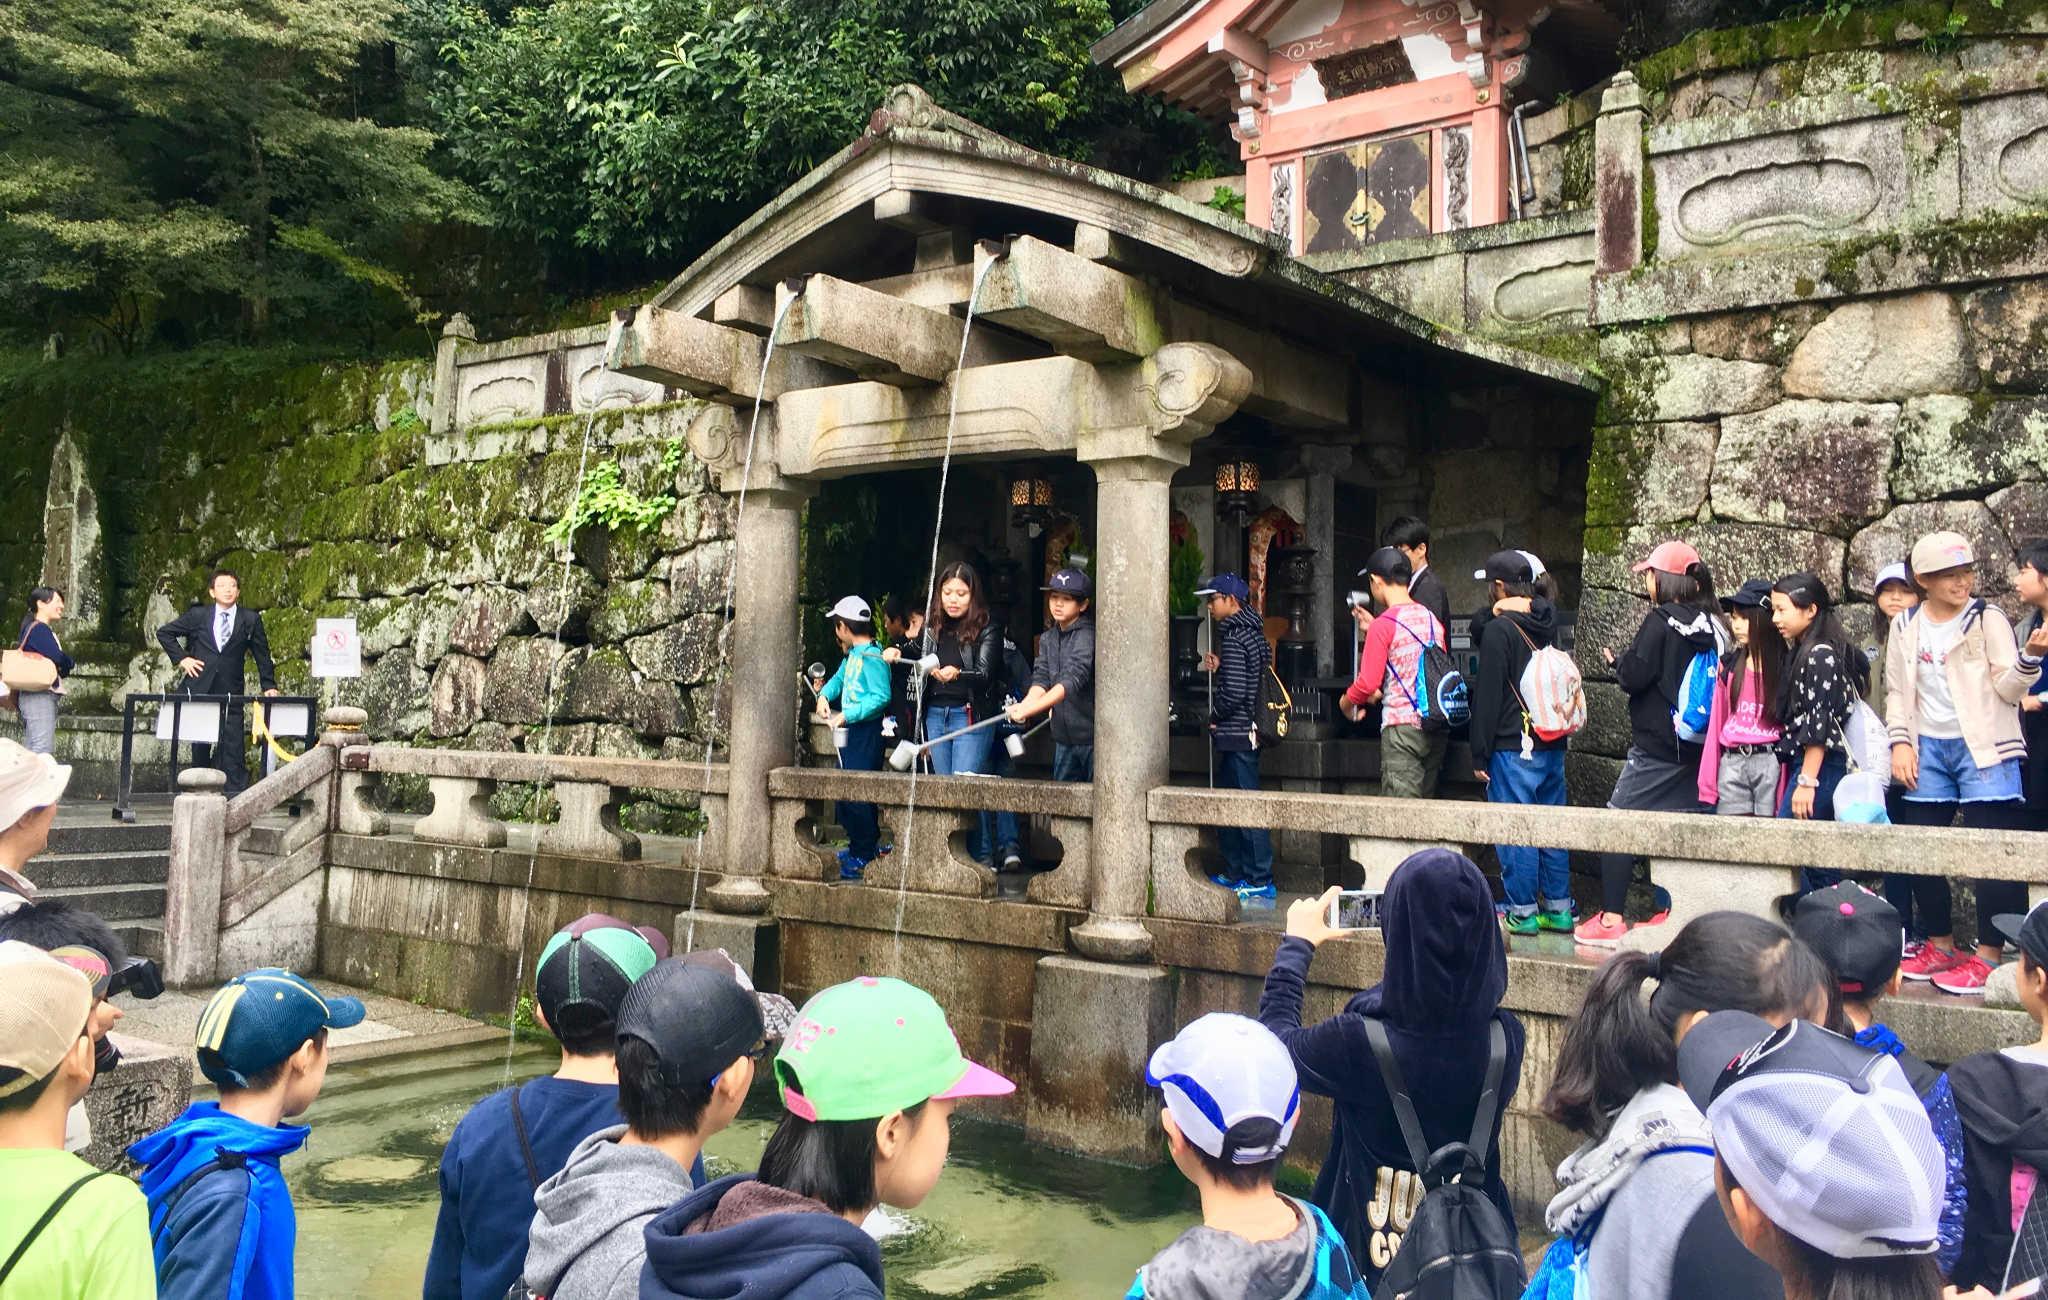 Des écoliers font la queue pour prendre de l'eau, symbole du temple